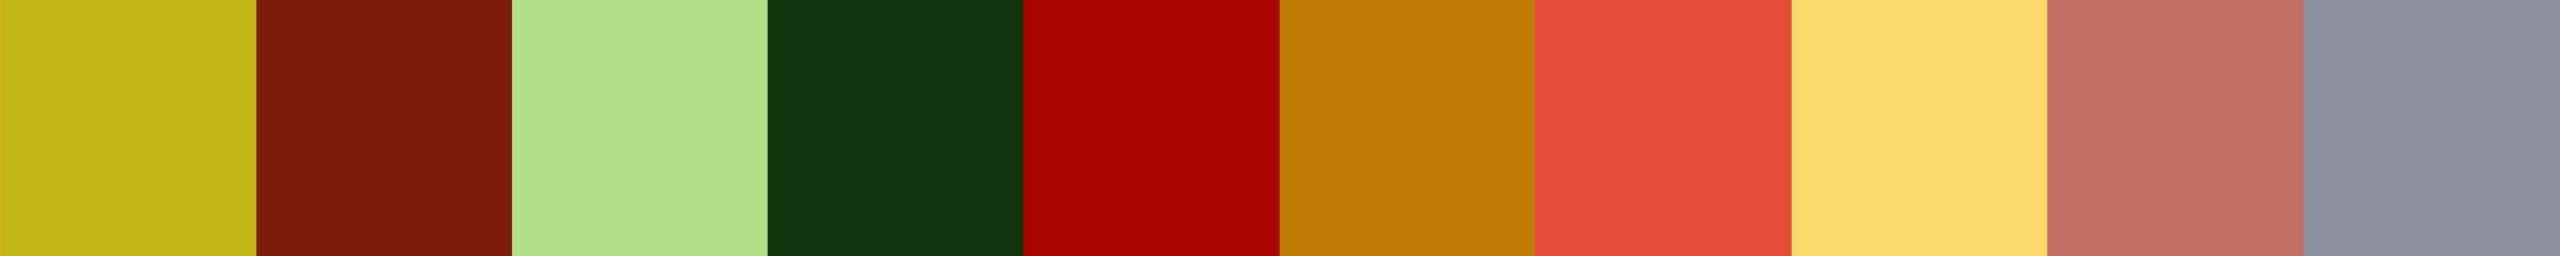 731 Brejofirata Color Palette